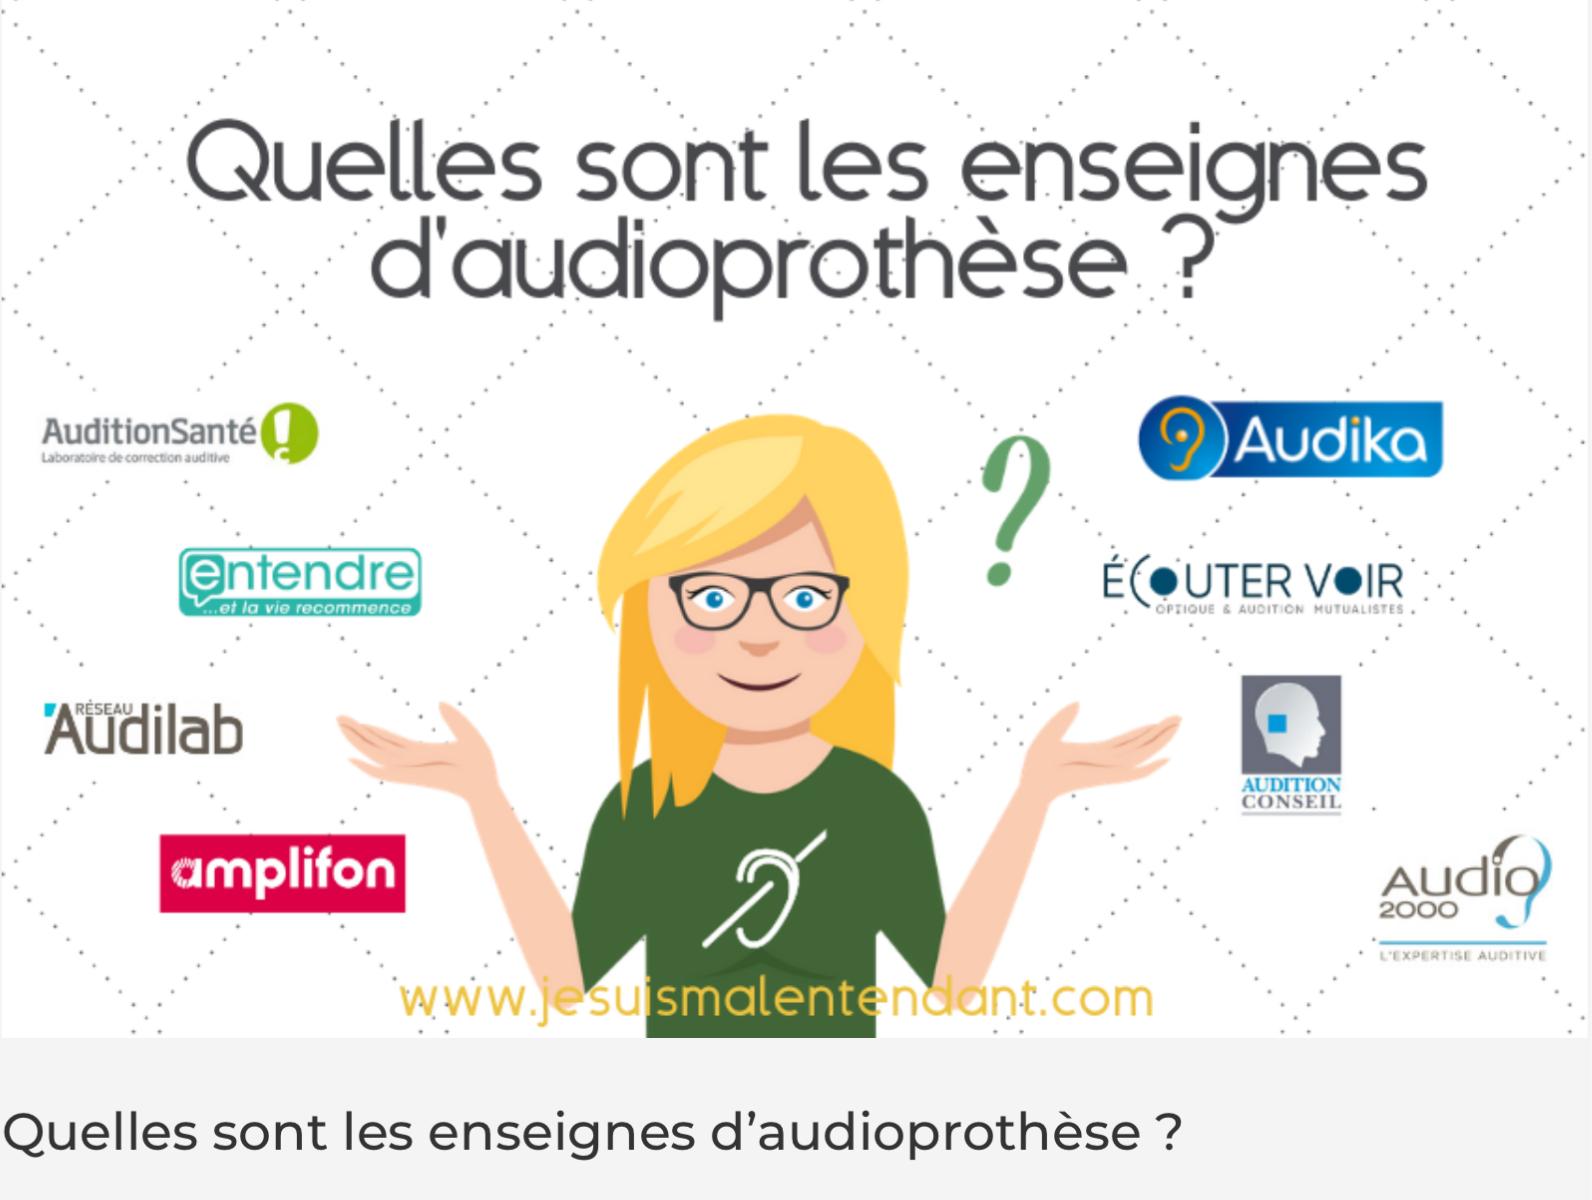 Quelles sont les enseignes d'audioprothèse ?